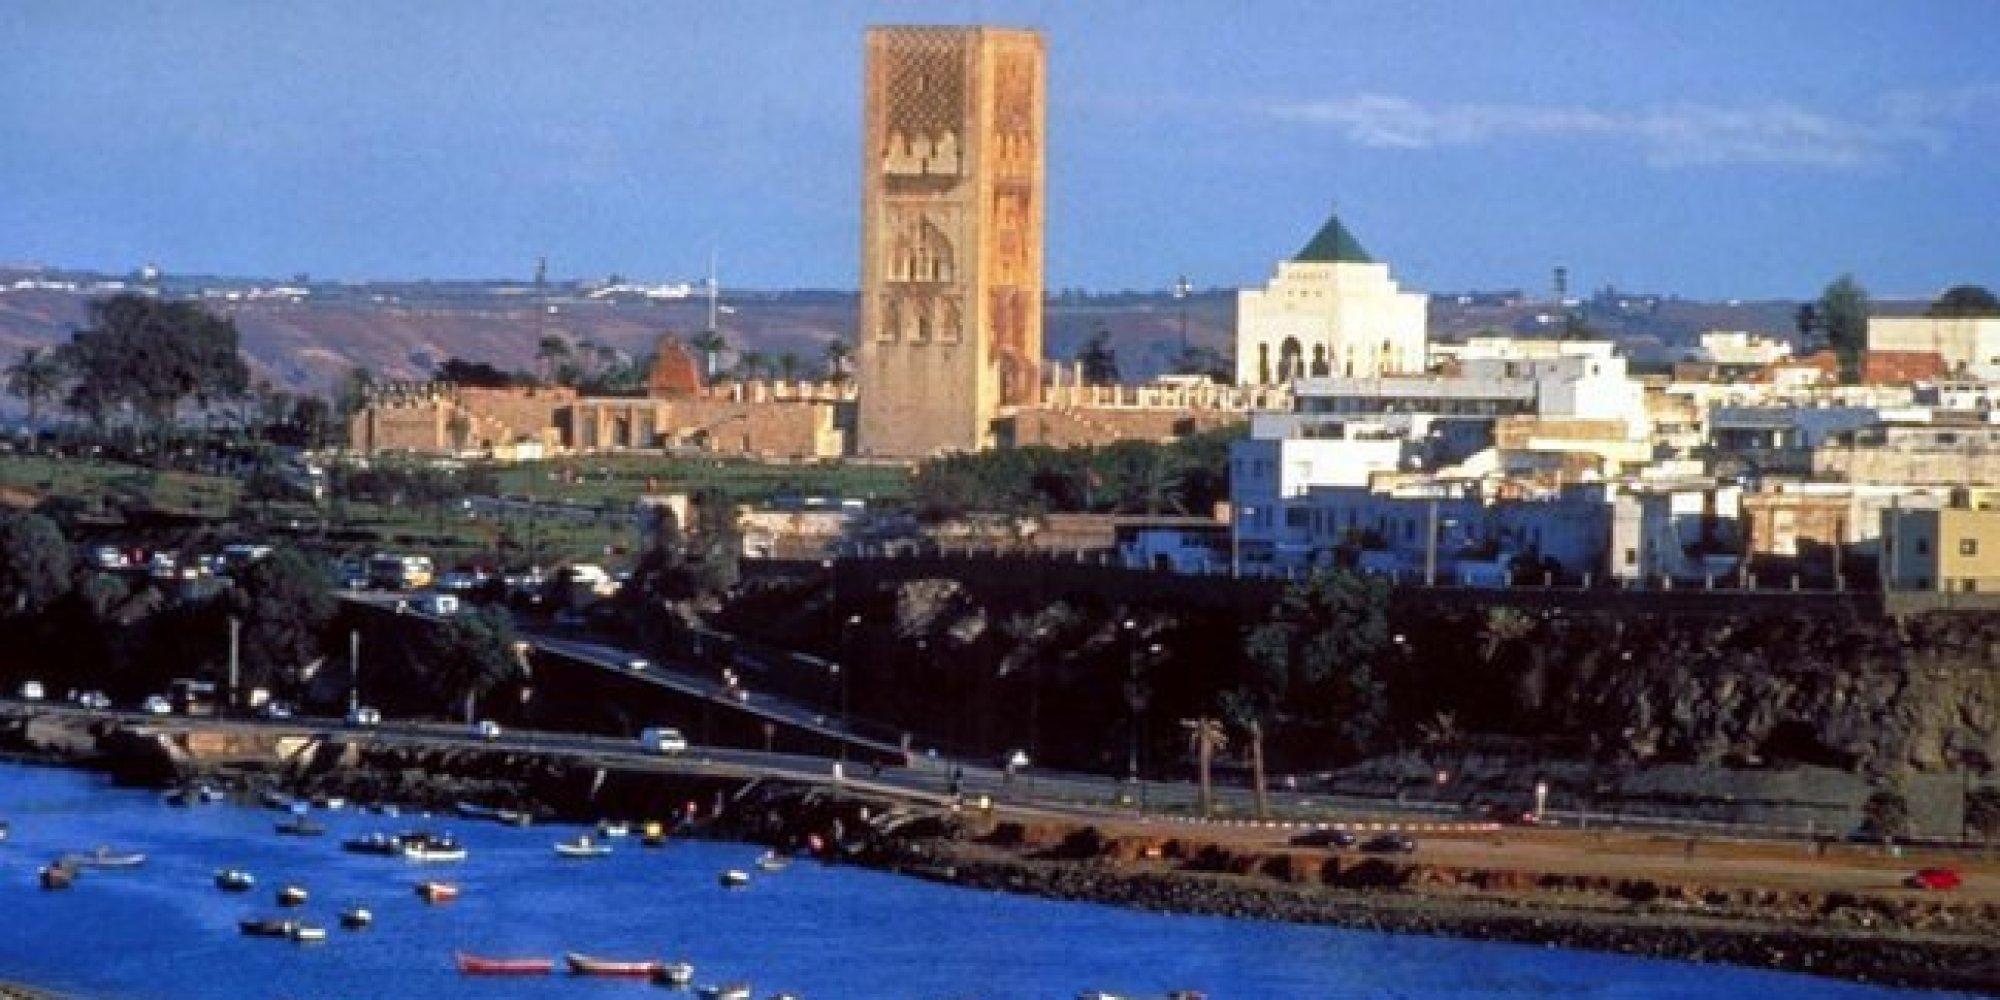 Rabat est la meilleure ville pour vivre au maroc d 39 apr s for Piscine demontable maroc